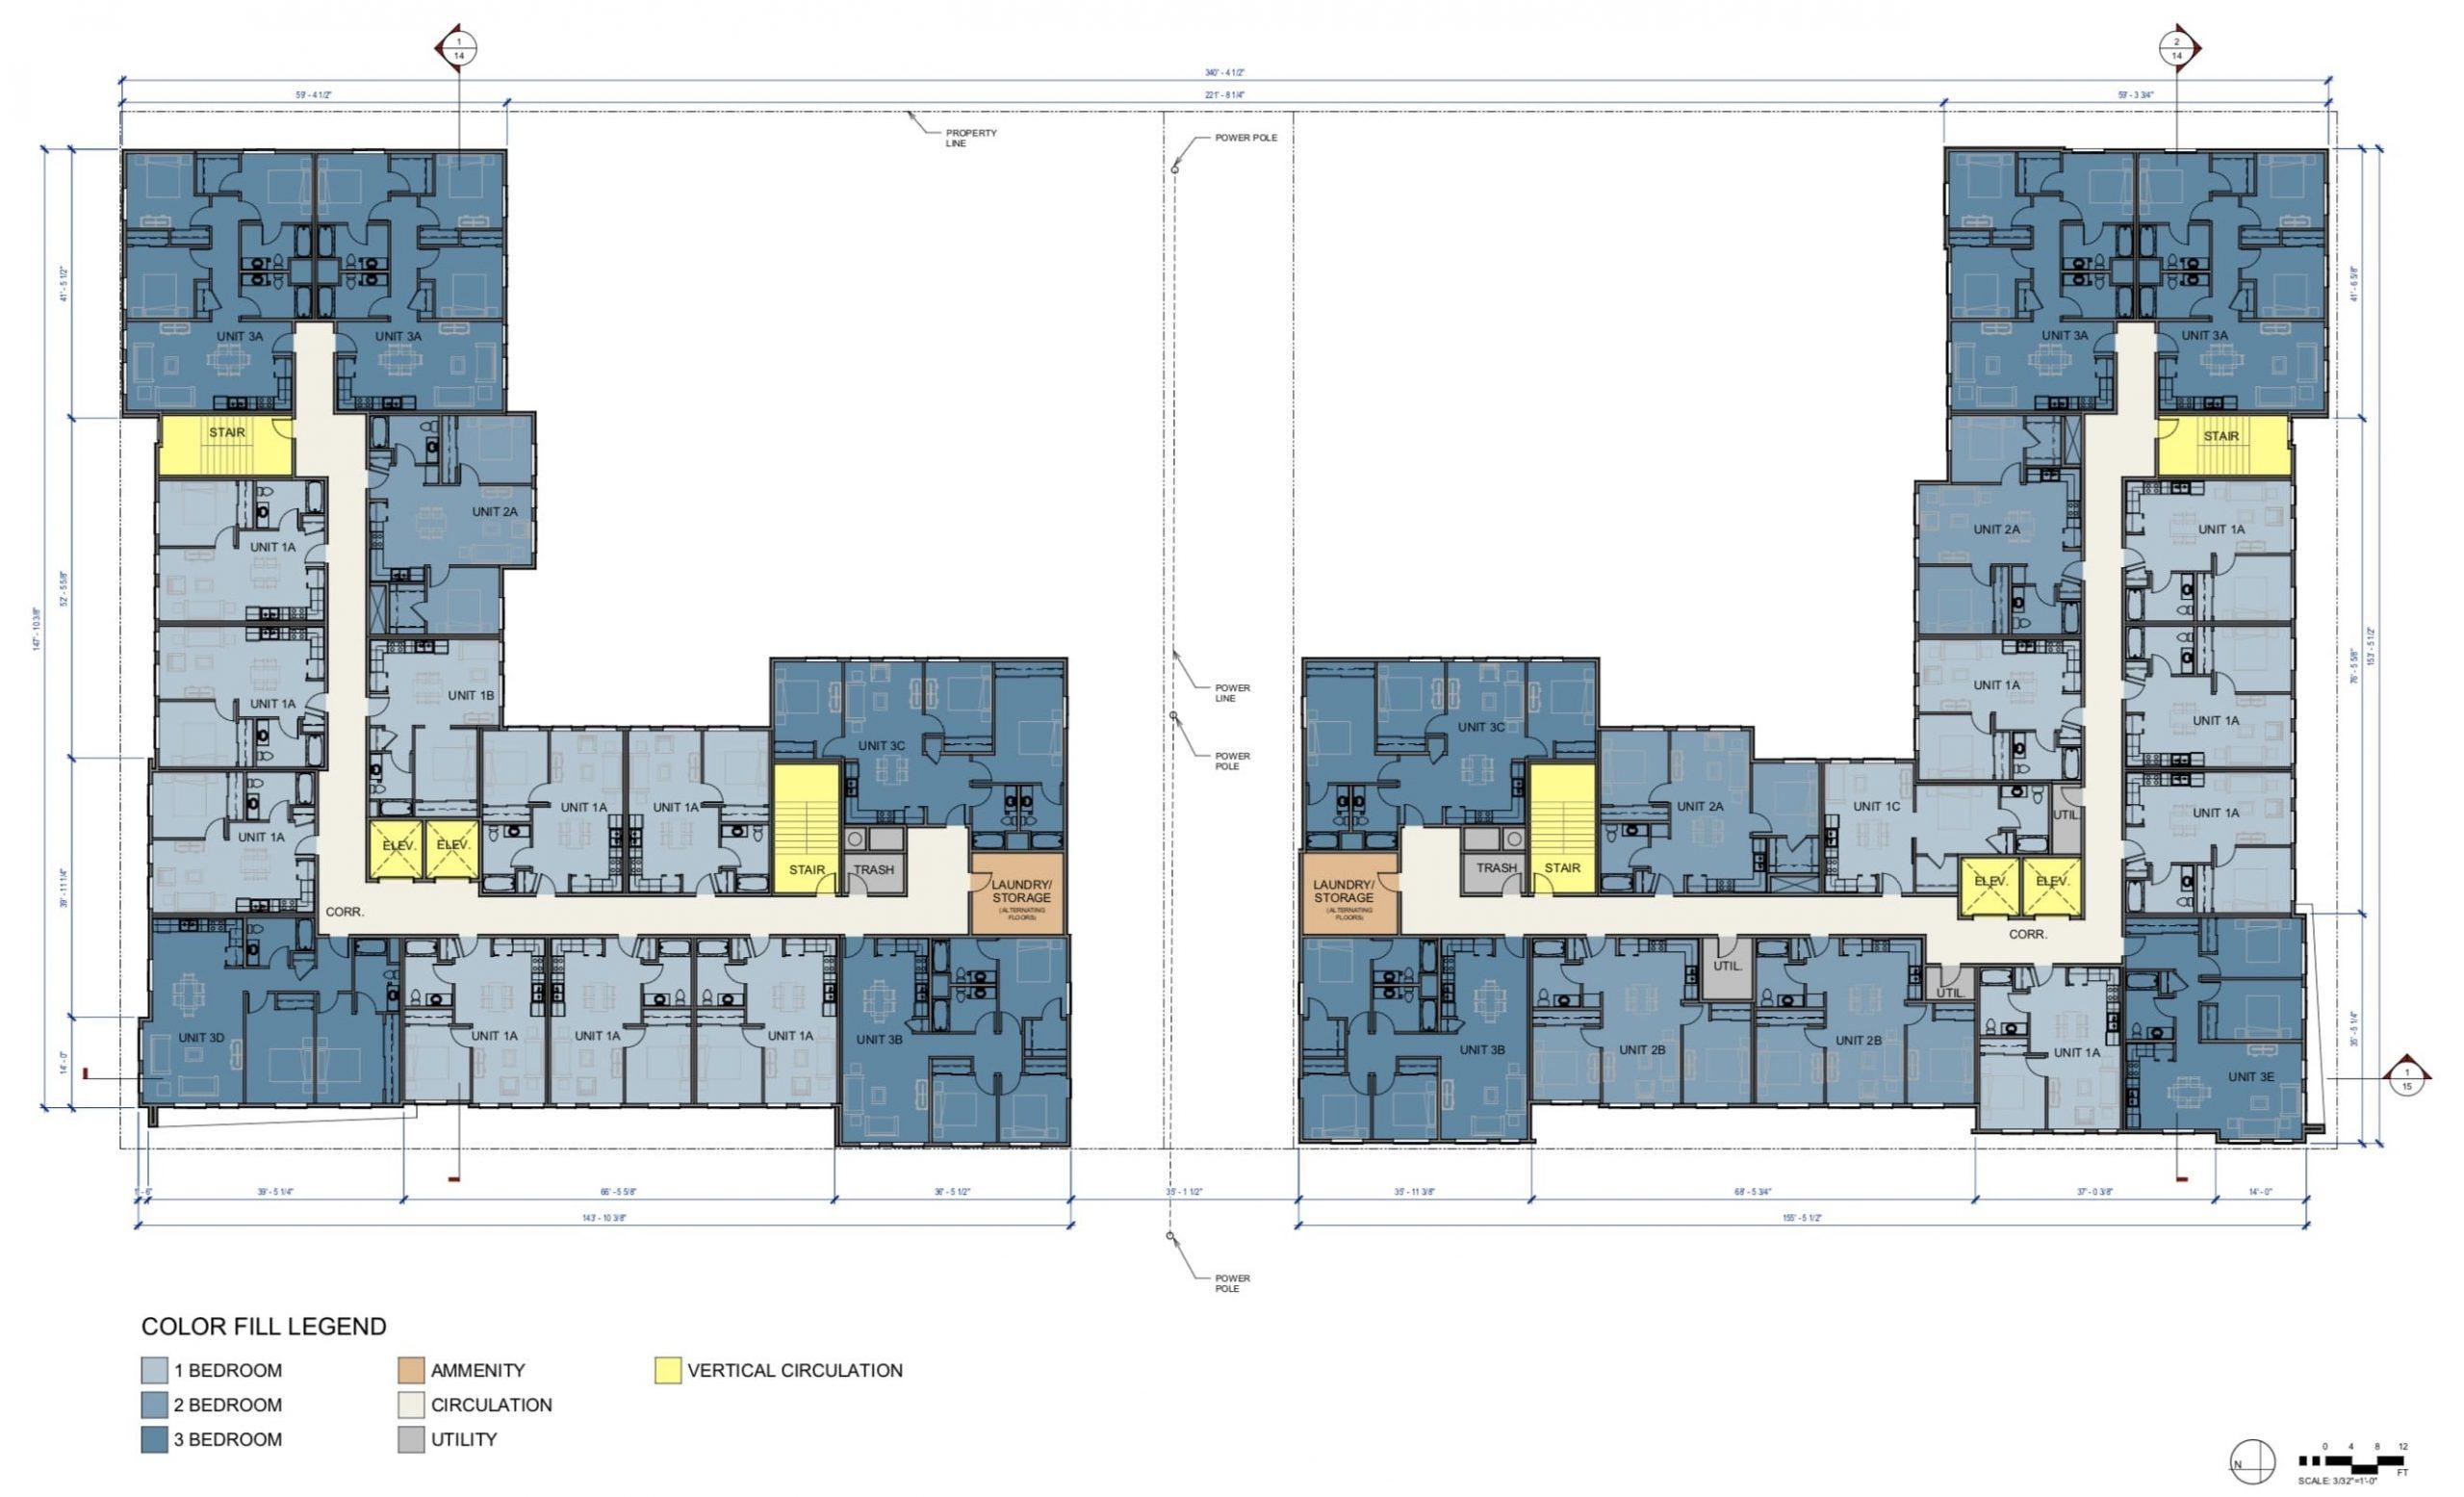 1901 Broadway Floor Plans Level 2-6